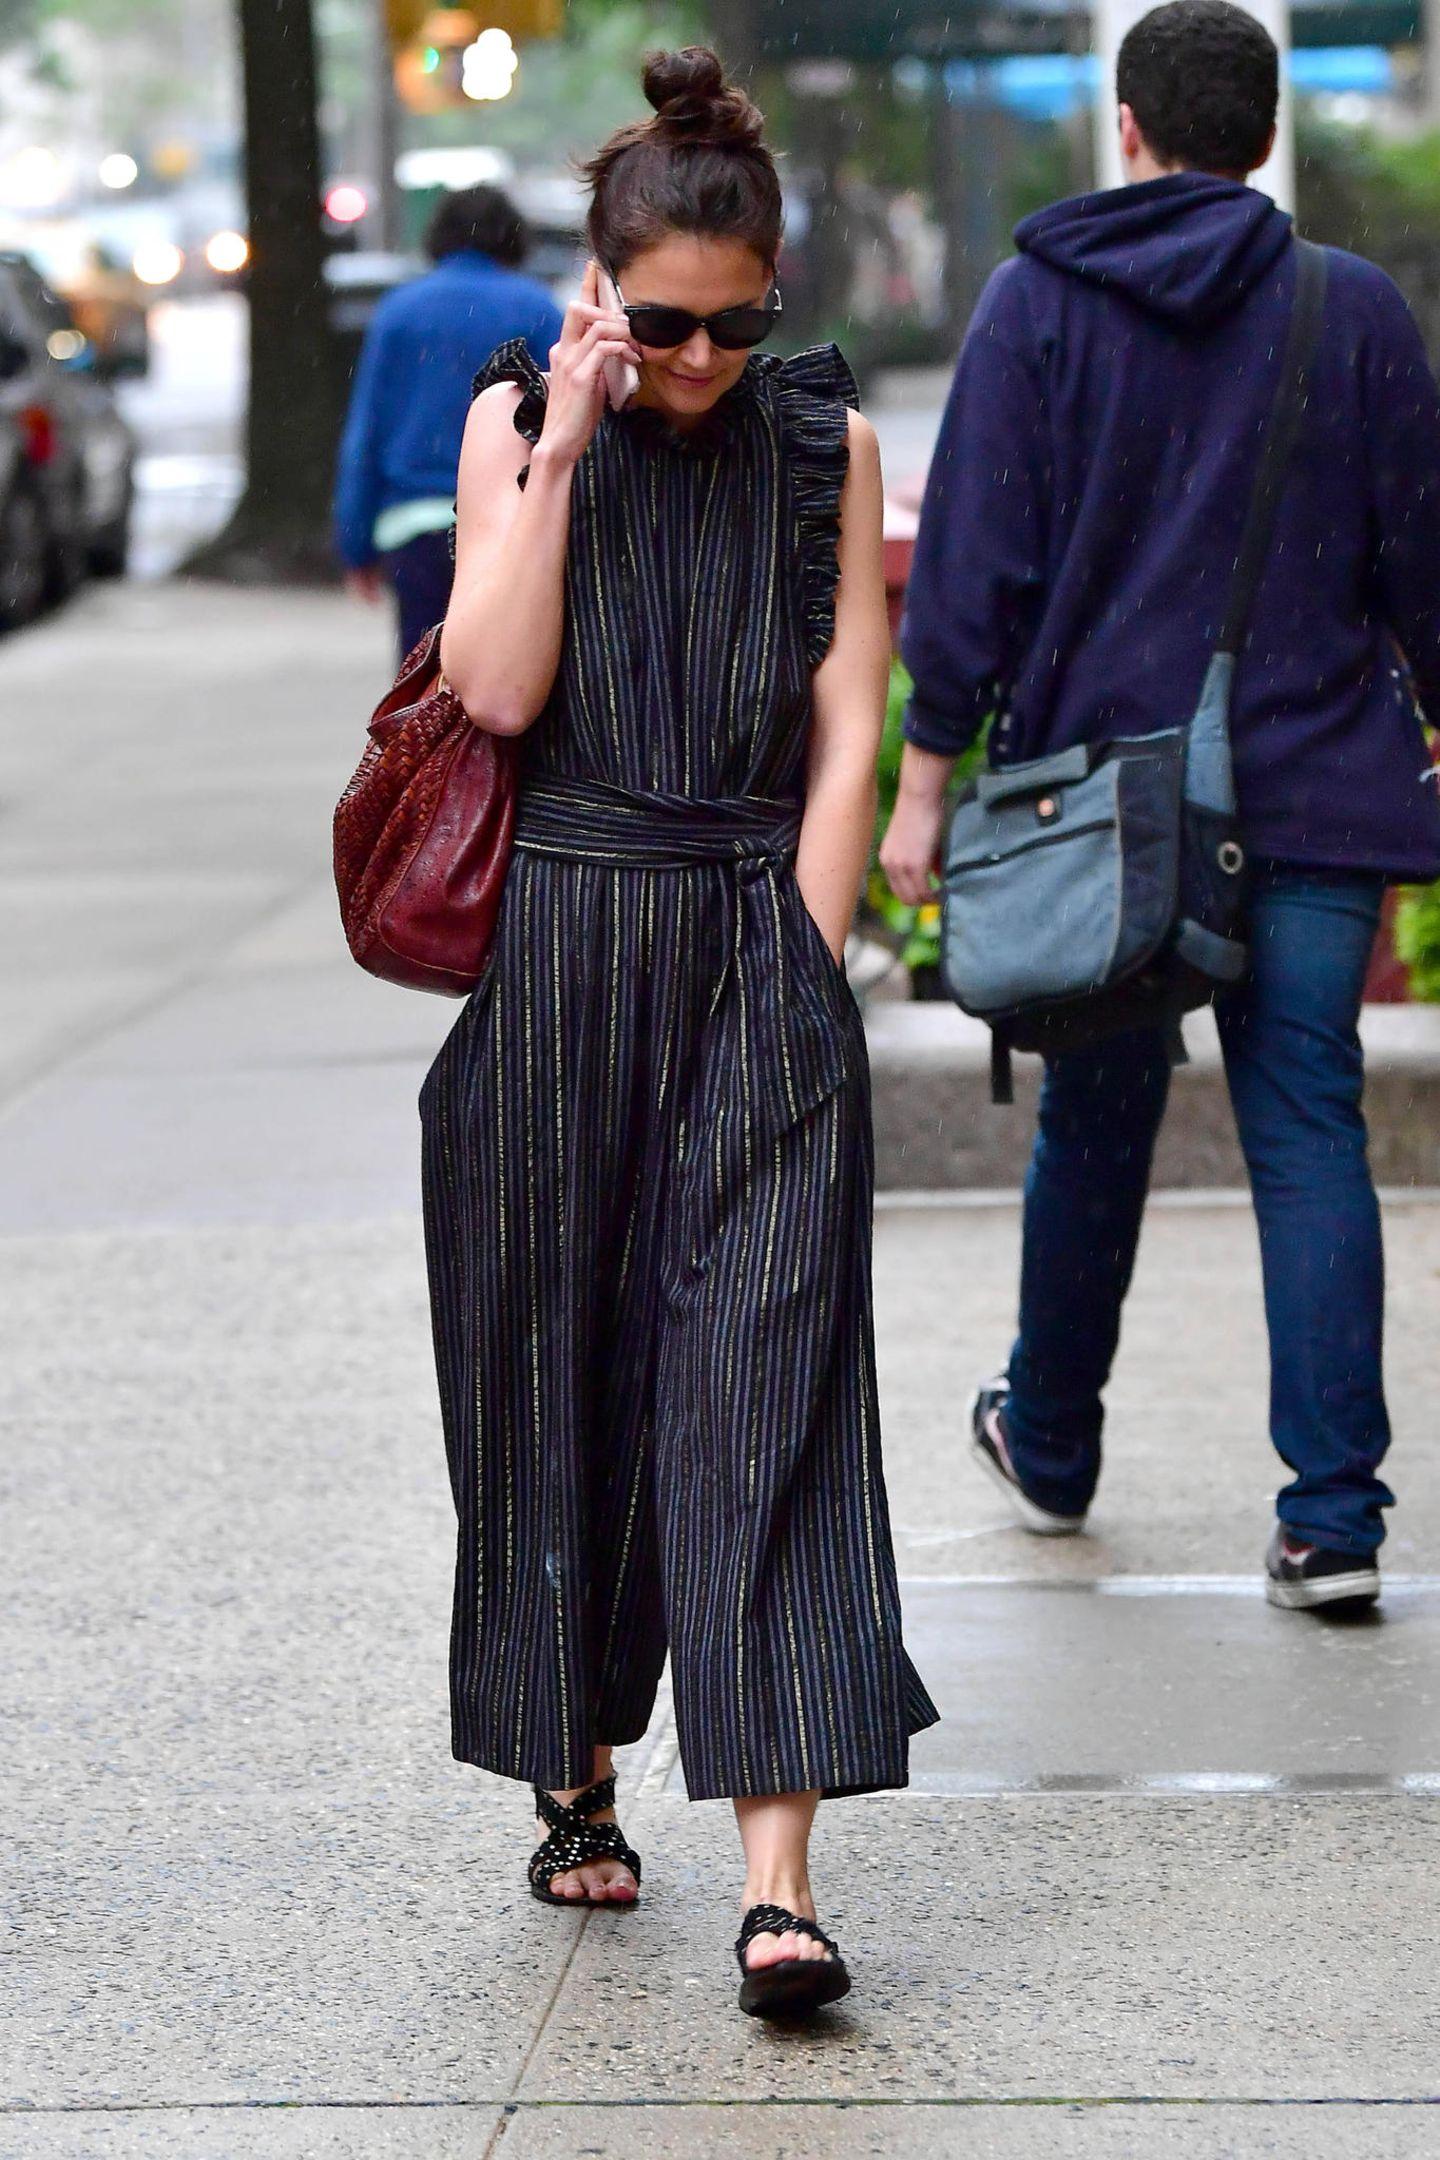 In einem plissierten Einteiler macht Katie Holmes eine tolle Figur. Dazu kombiniert sie XL-Sonnenbrille, flache Sandalen und eine braun-rote Tasche. Kleine Rüschen am Oberteil und ein breiter Gürtel an der Taille verleihen dem Look zusätzlich das feminine Etwas.